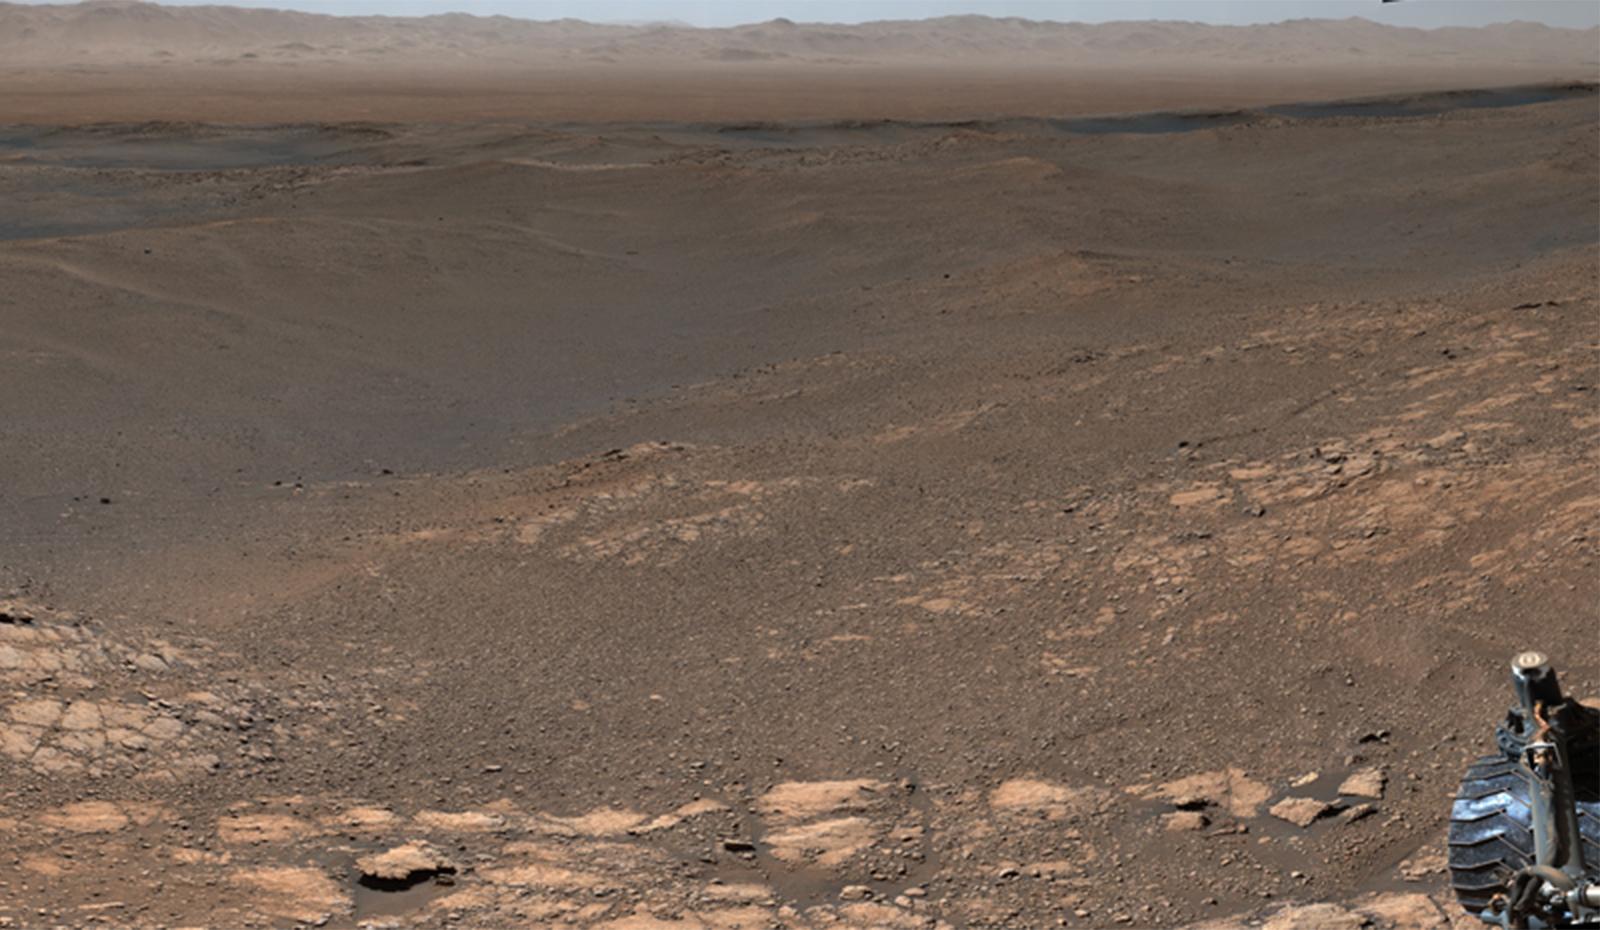 Un panorama de Mars